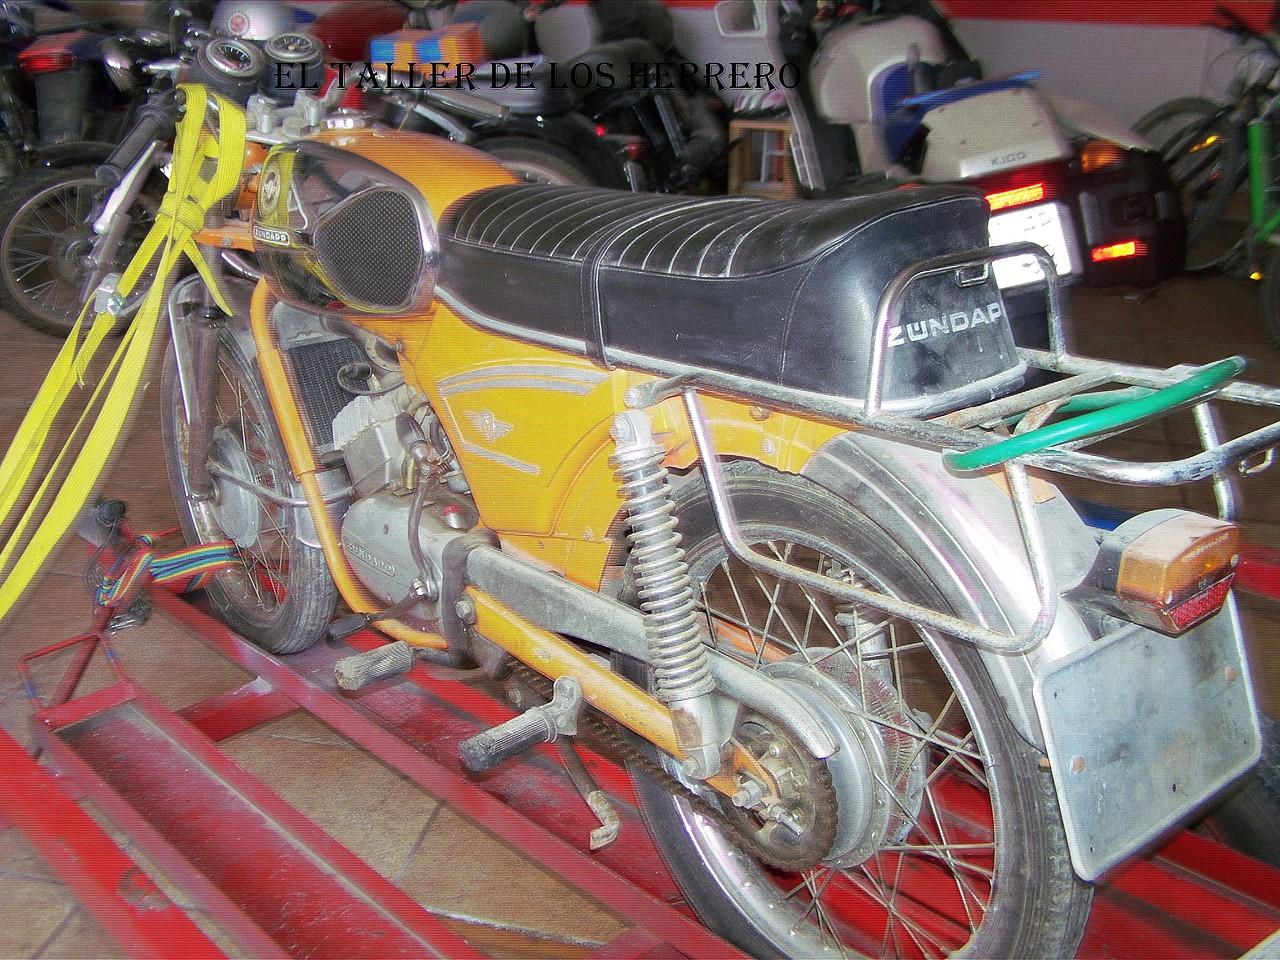 Zündapp KS 50 WC 1973 1F52046D973051F41D9F2C51F41B40